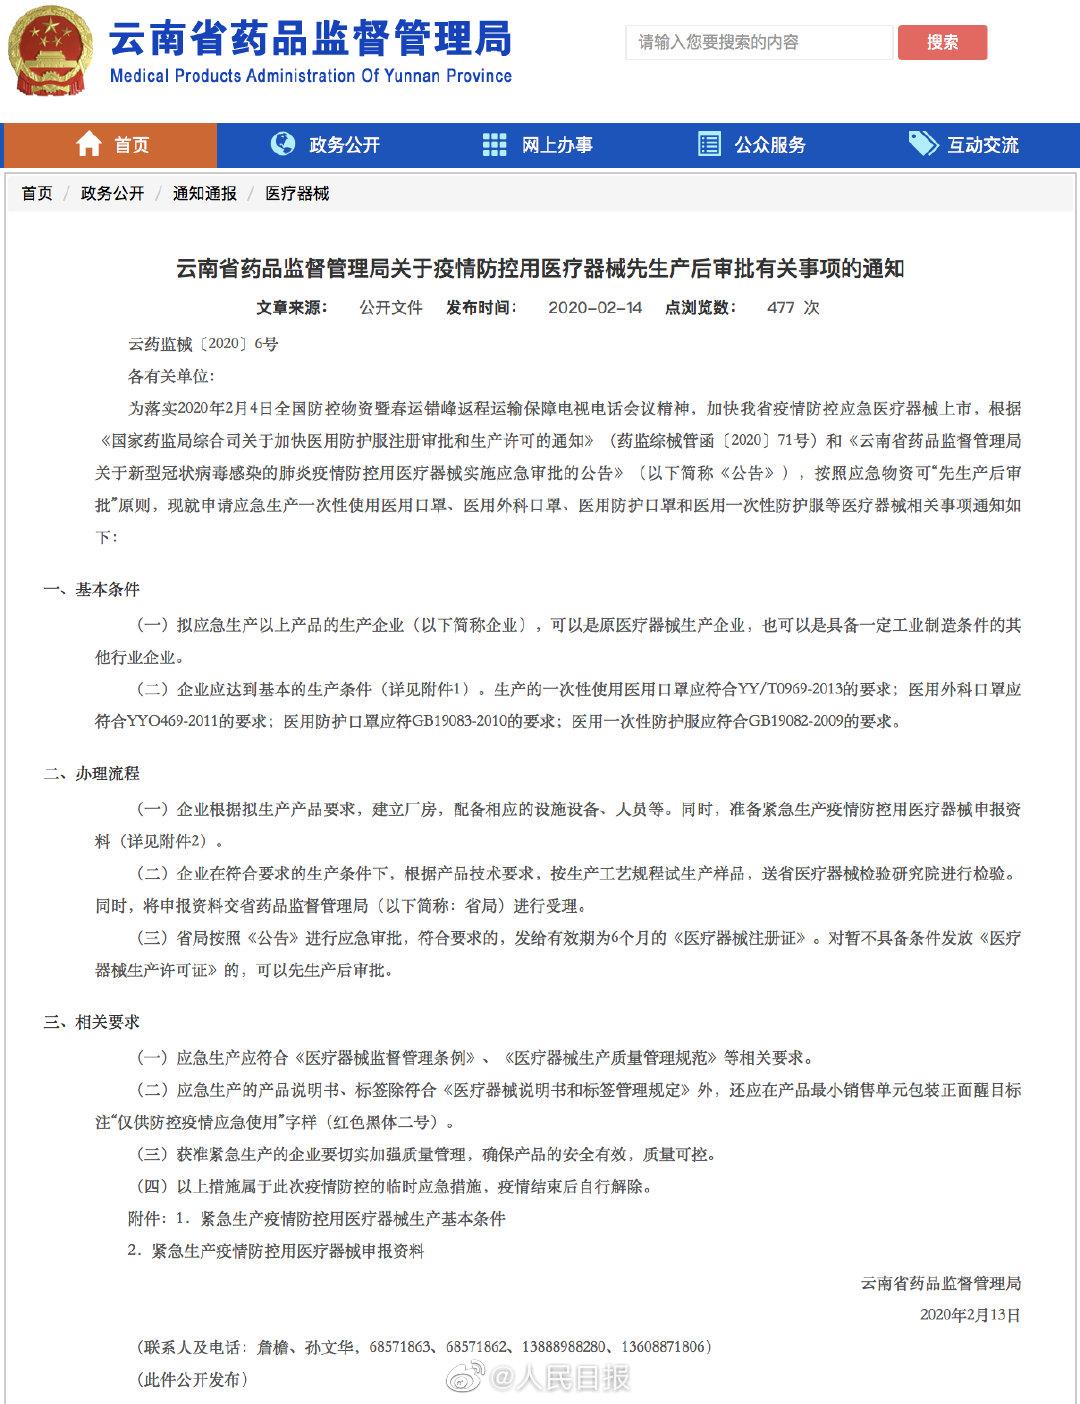 云南药监局:云南口罩等防疫物资